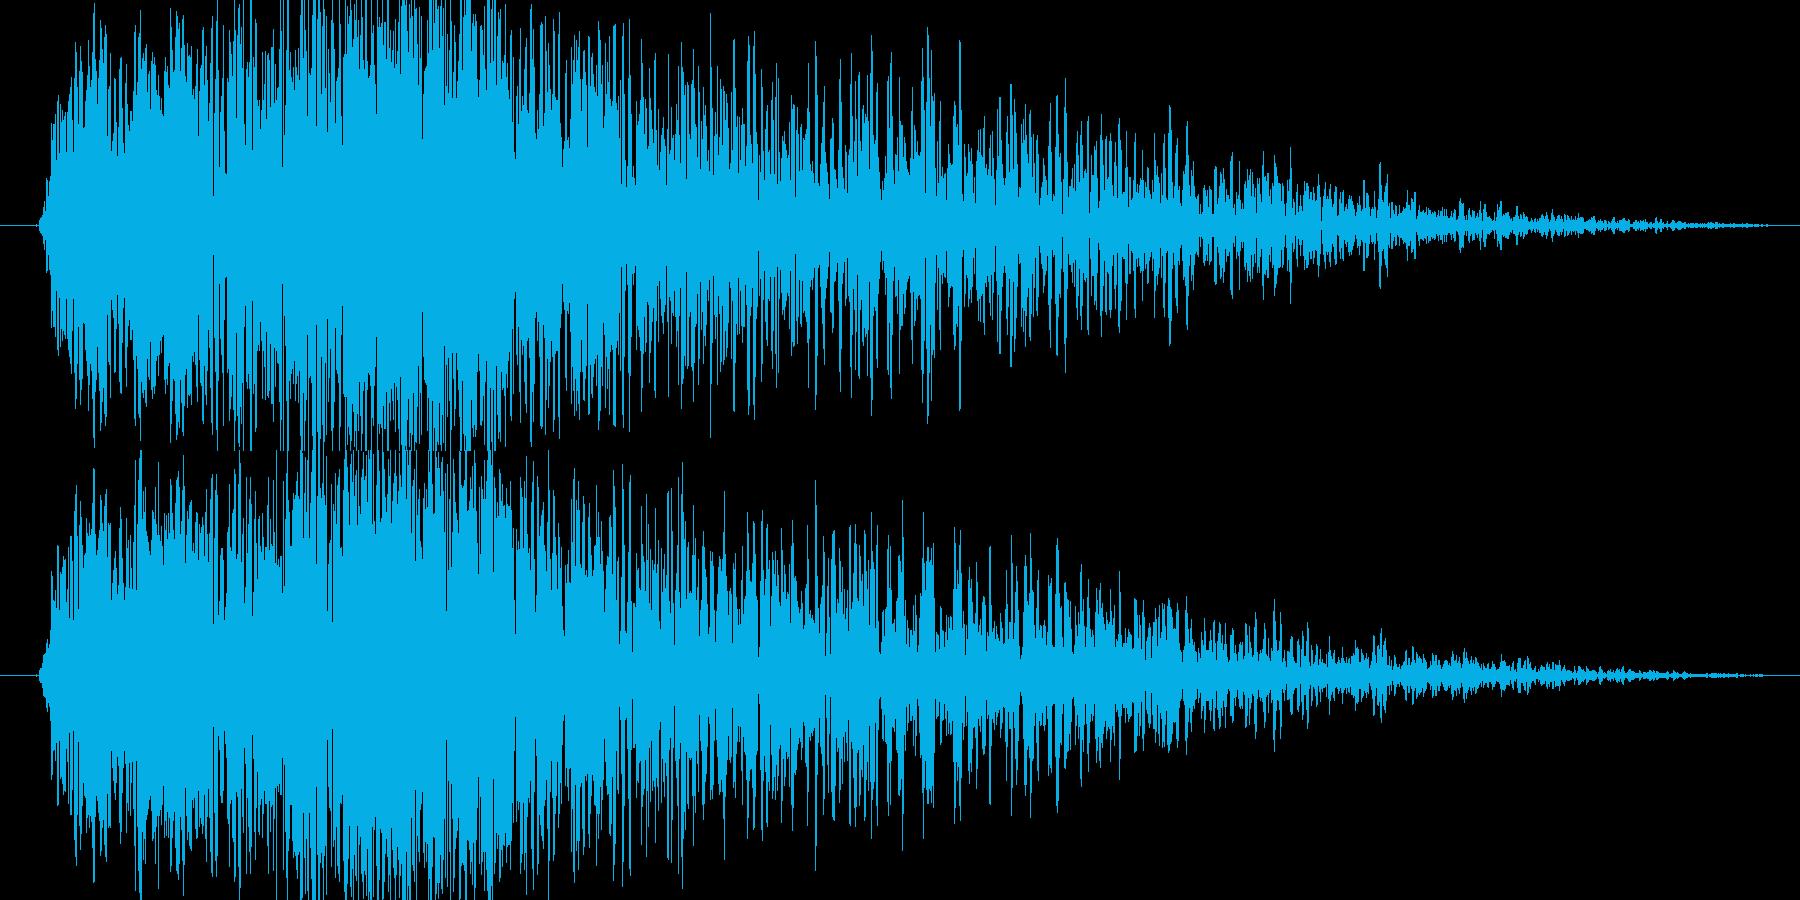 ズゥワン(巨大な古い扉)の再生済みの波形